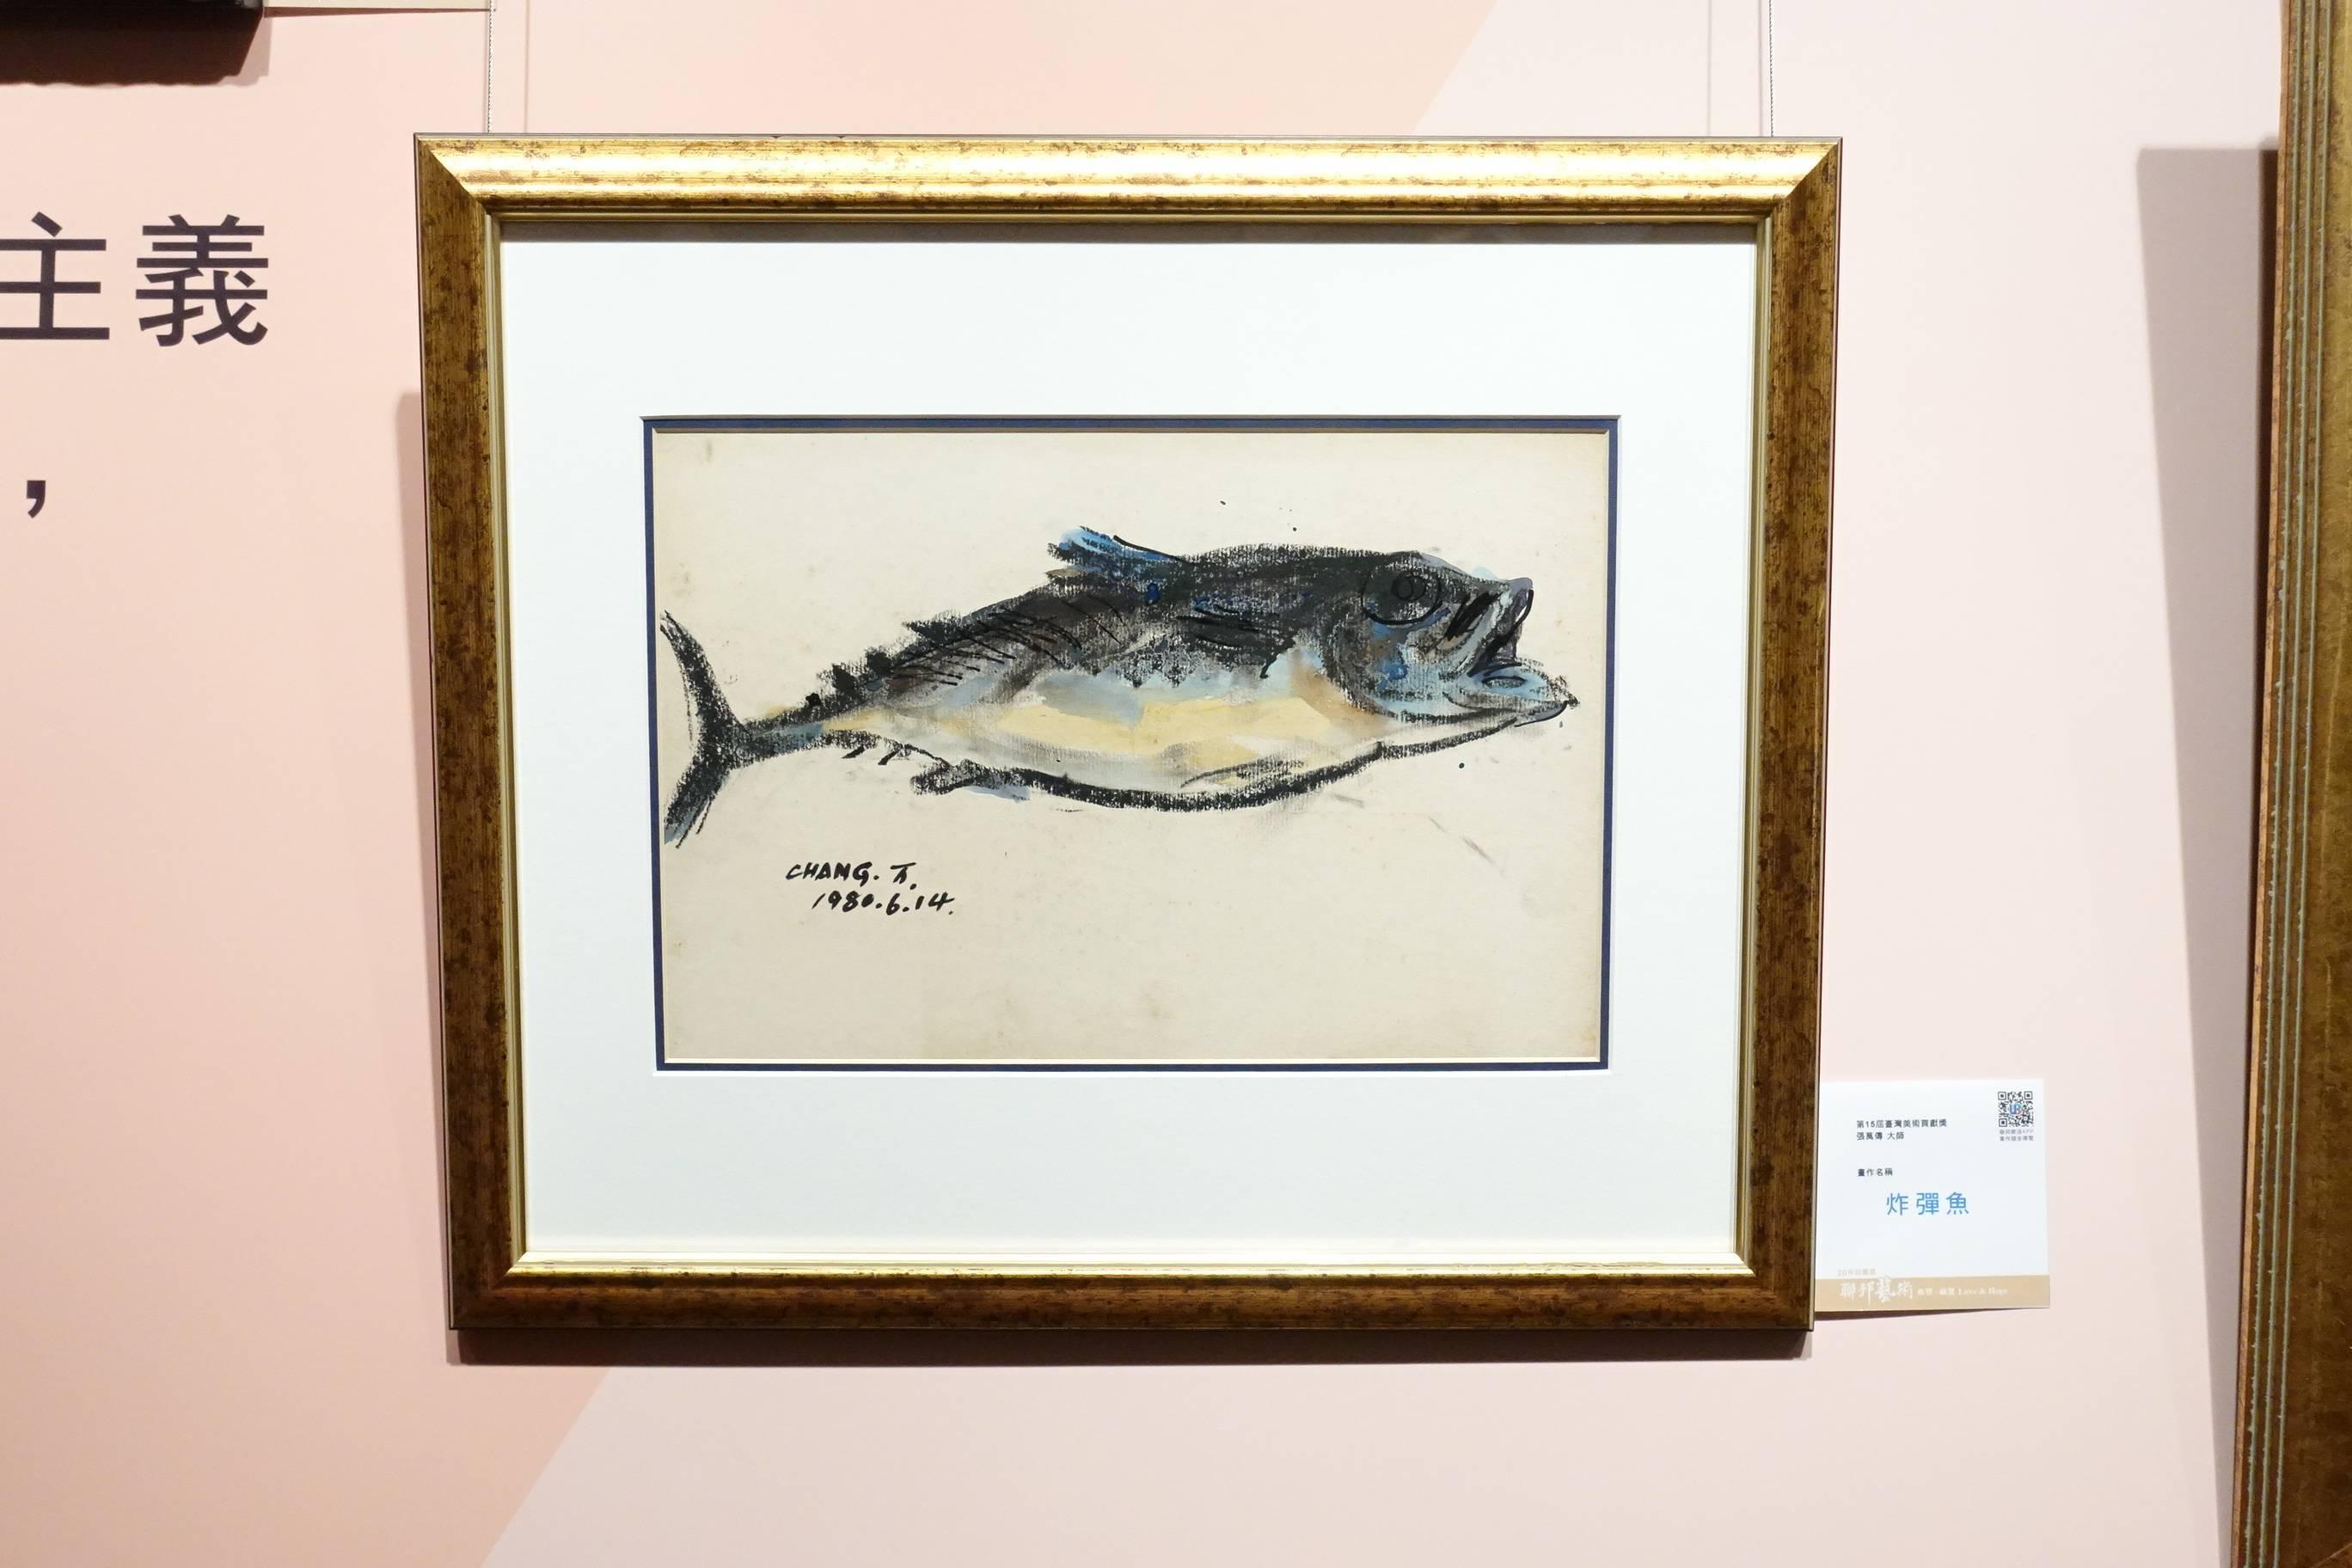 前輩藝術家,張萬傳作品《炸彈魚》。